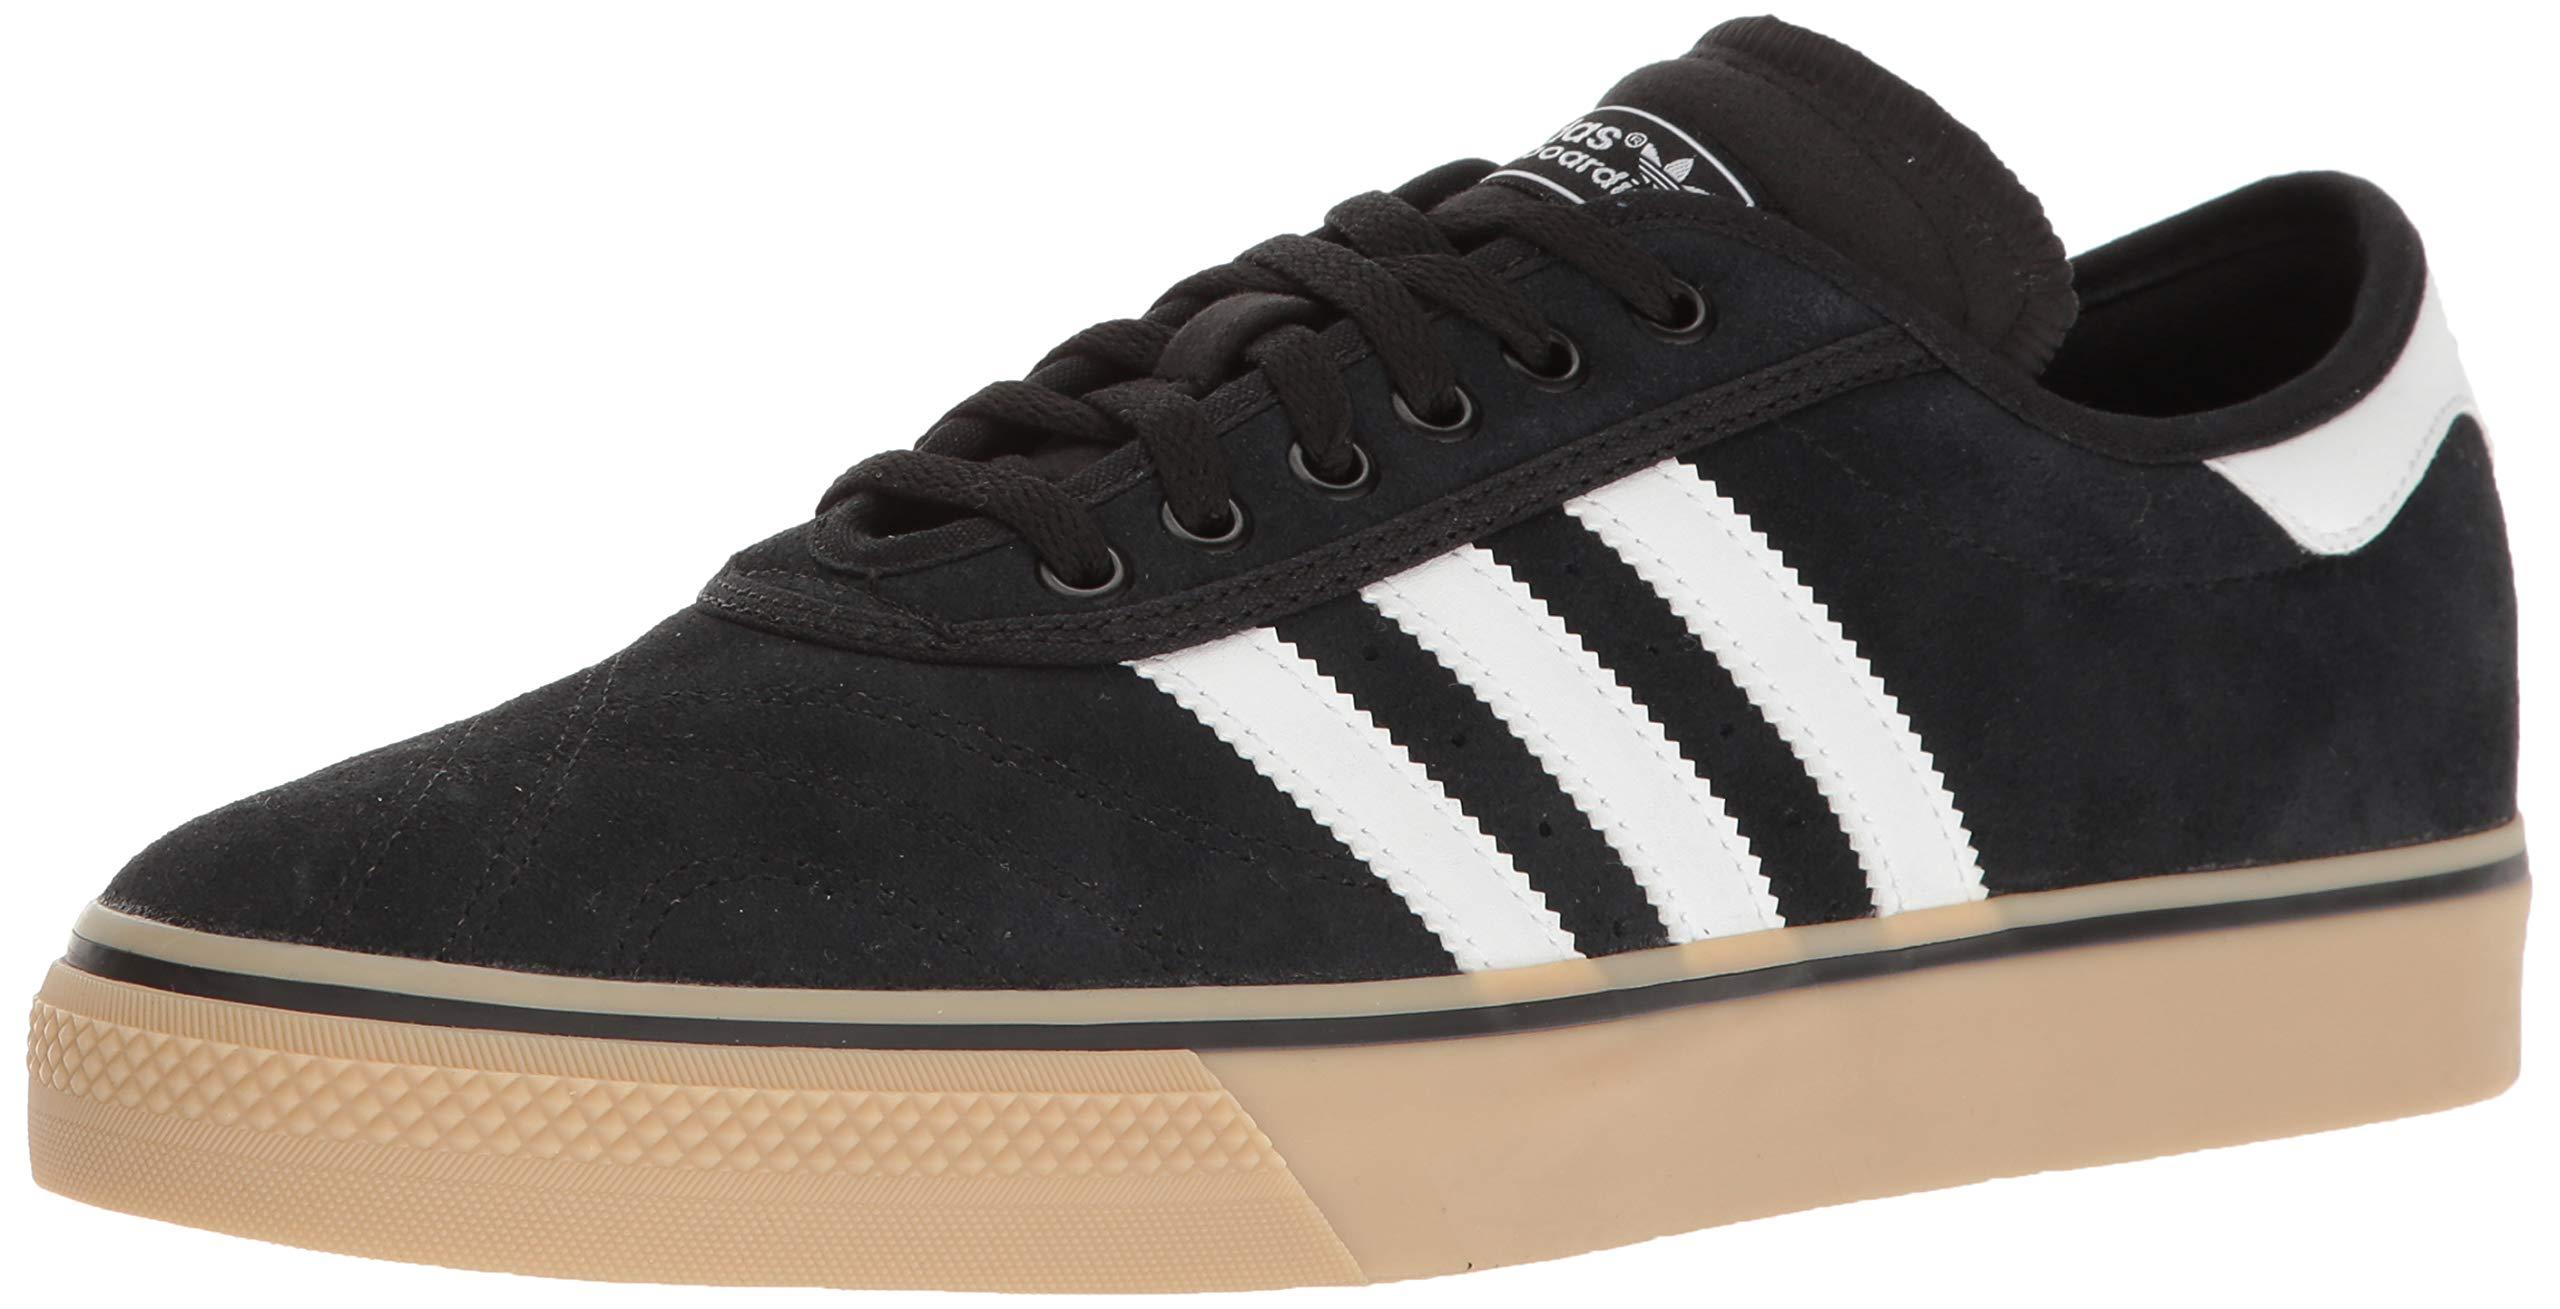 sports shoes 68392 37ab4 Galleon - Adidas Originals Mens Adi-Ease Premiere Fashion Sneaker,  BlackWhiteGum, (9.5 M US)